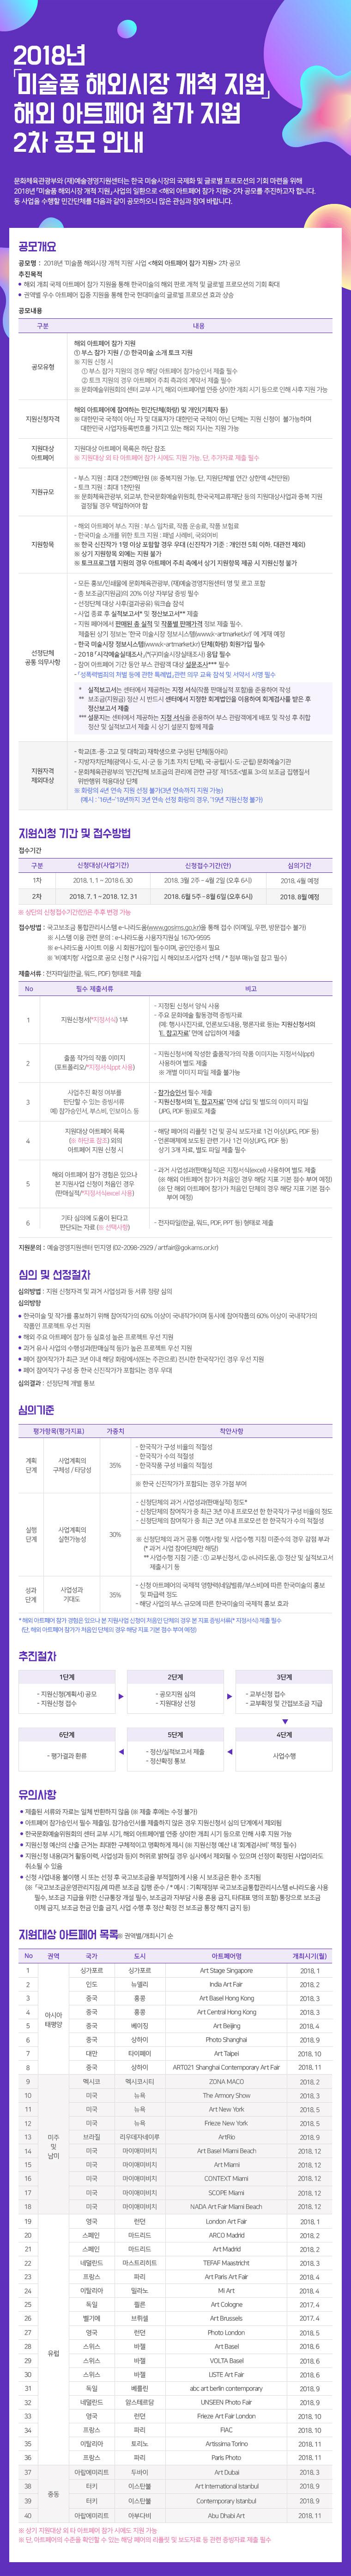 2018년 미술품 해외시장 개척 지원 해외 아트페어 참가 지원 2차 공모 안내